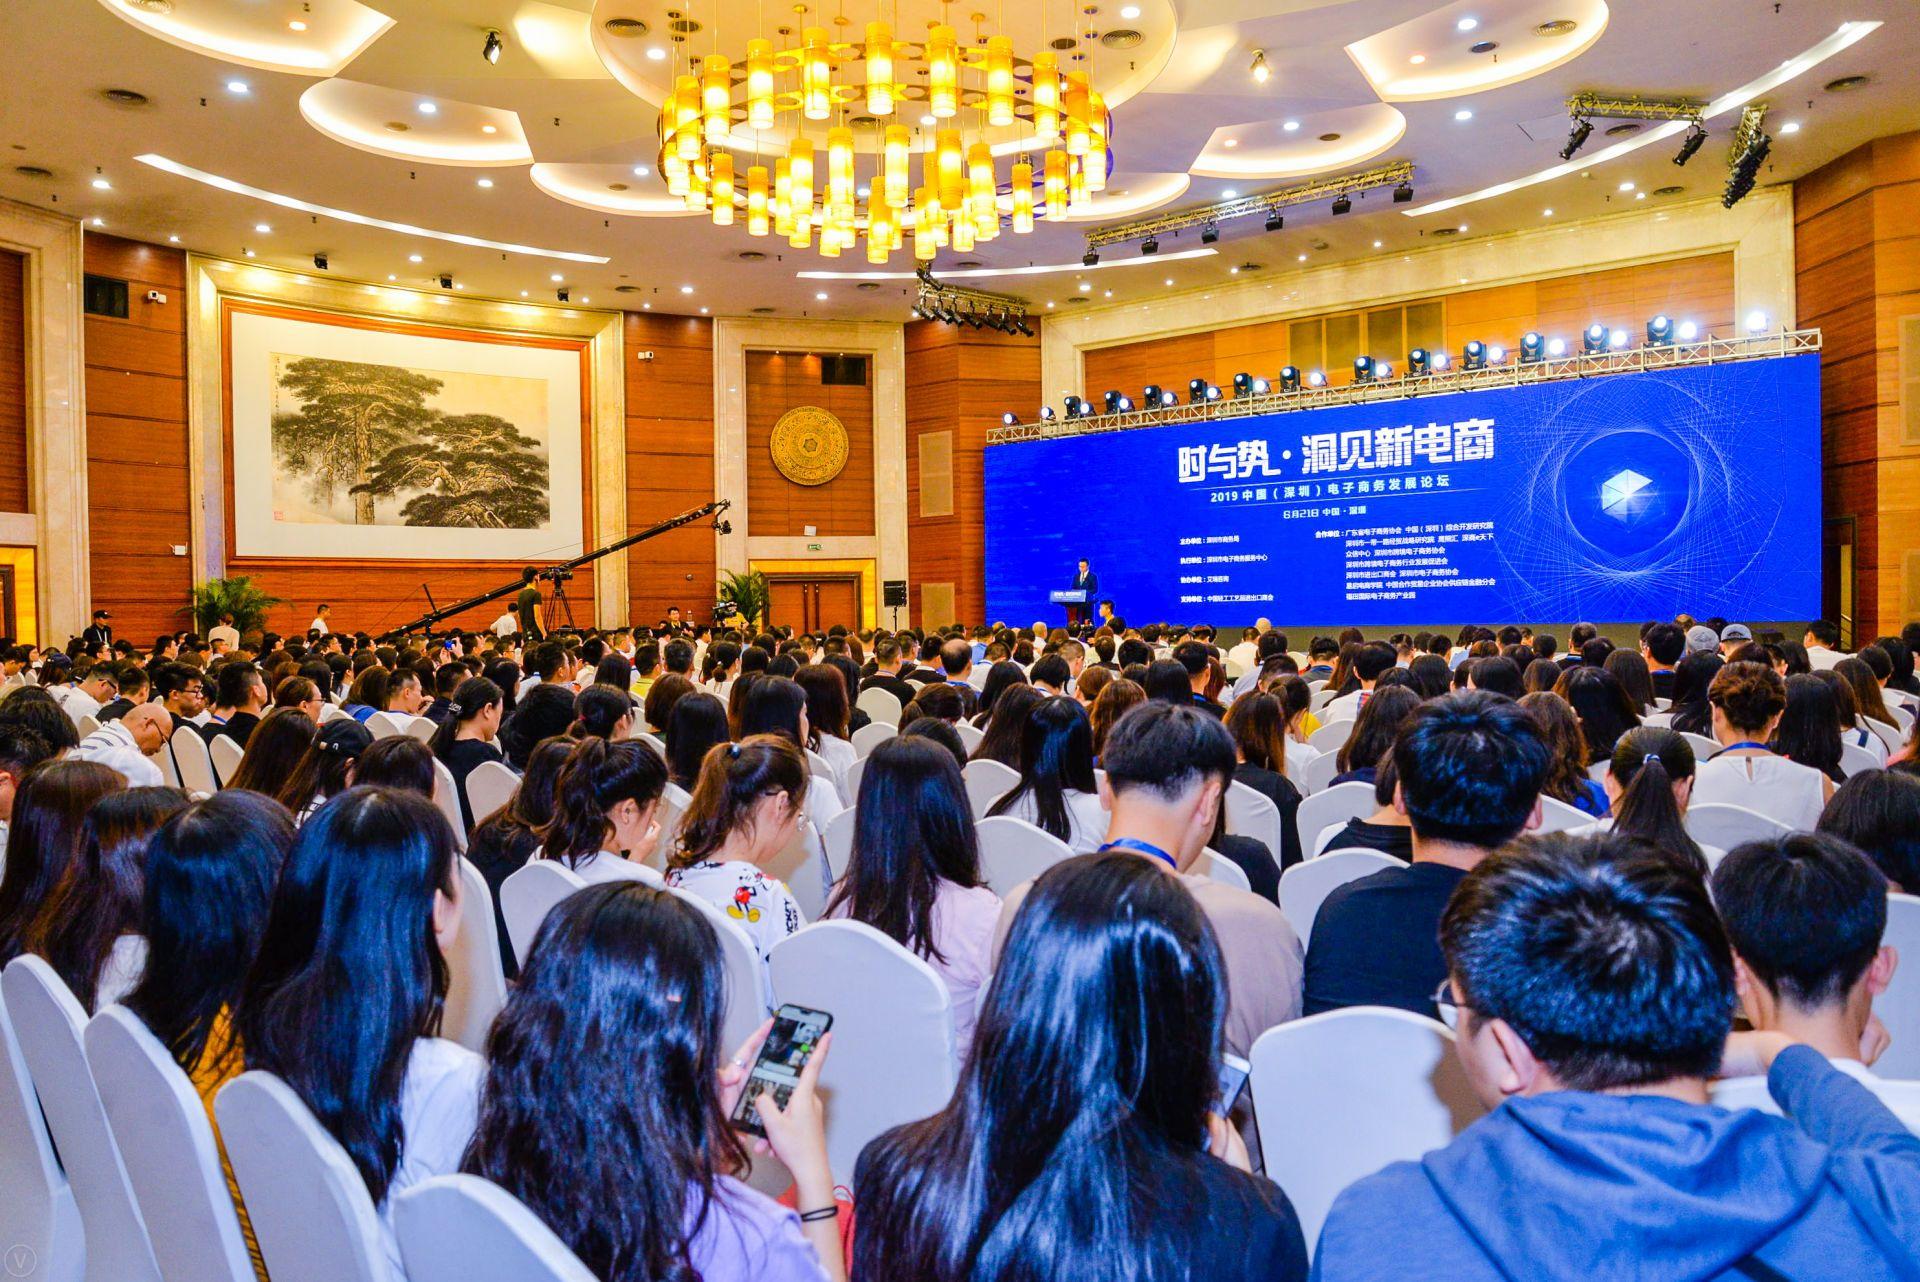 2019中国(深圳)电子商务发展论坛盛大开幕